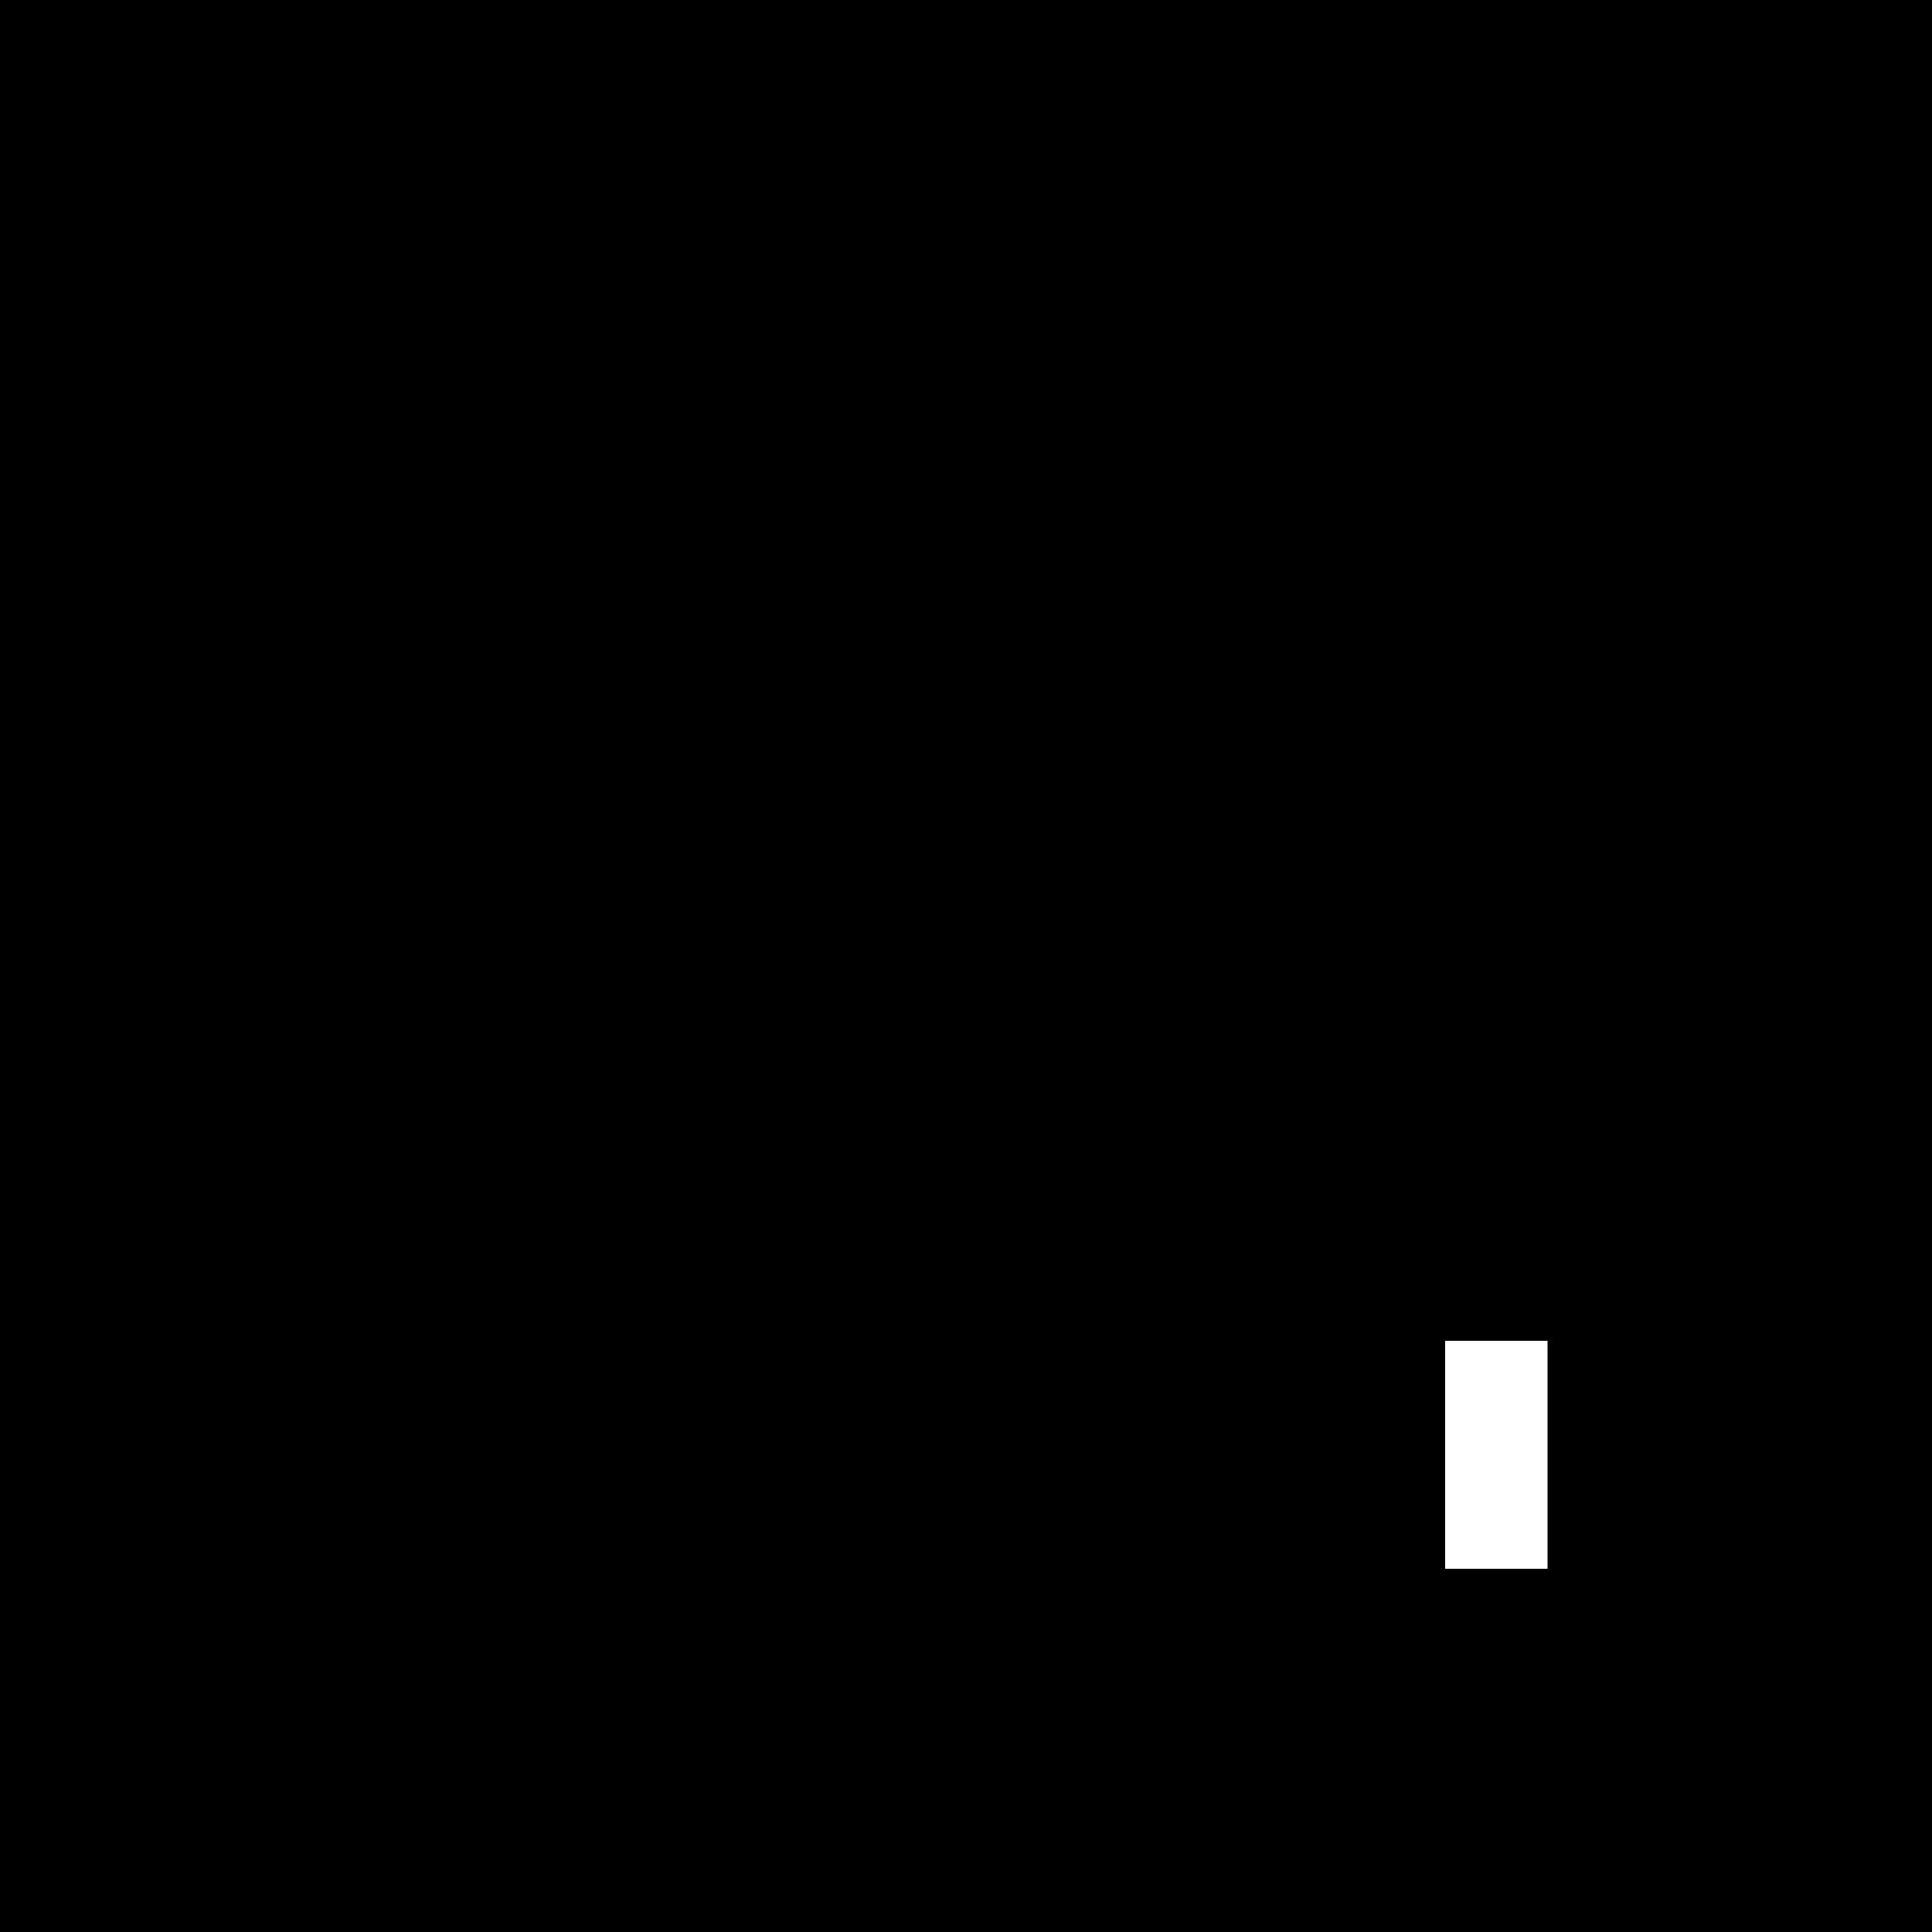 icon_lap_black-01.png